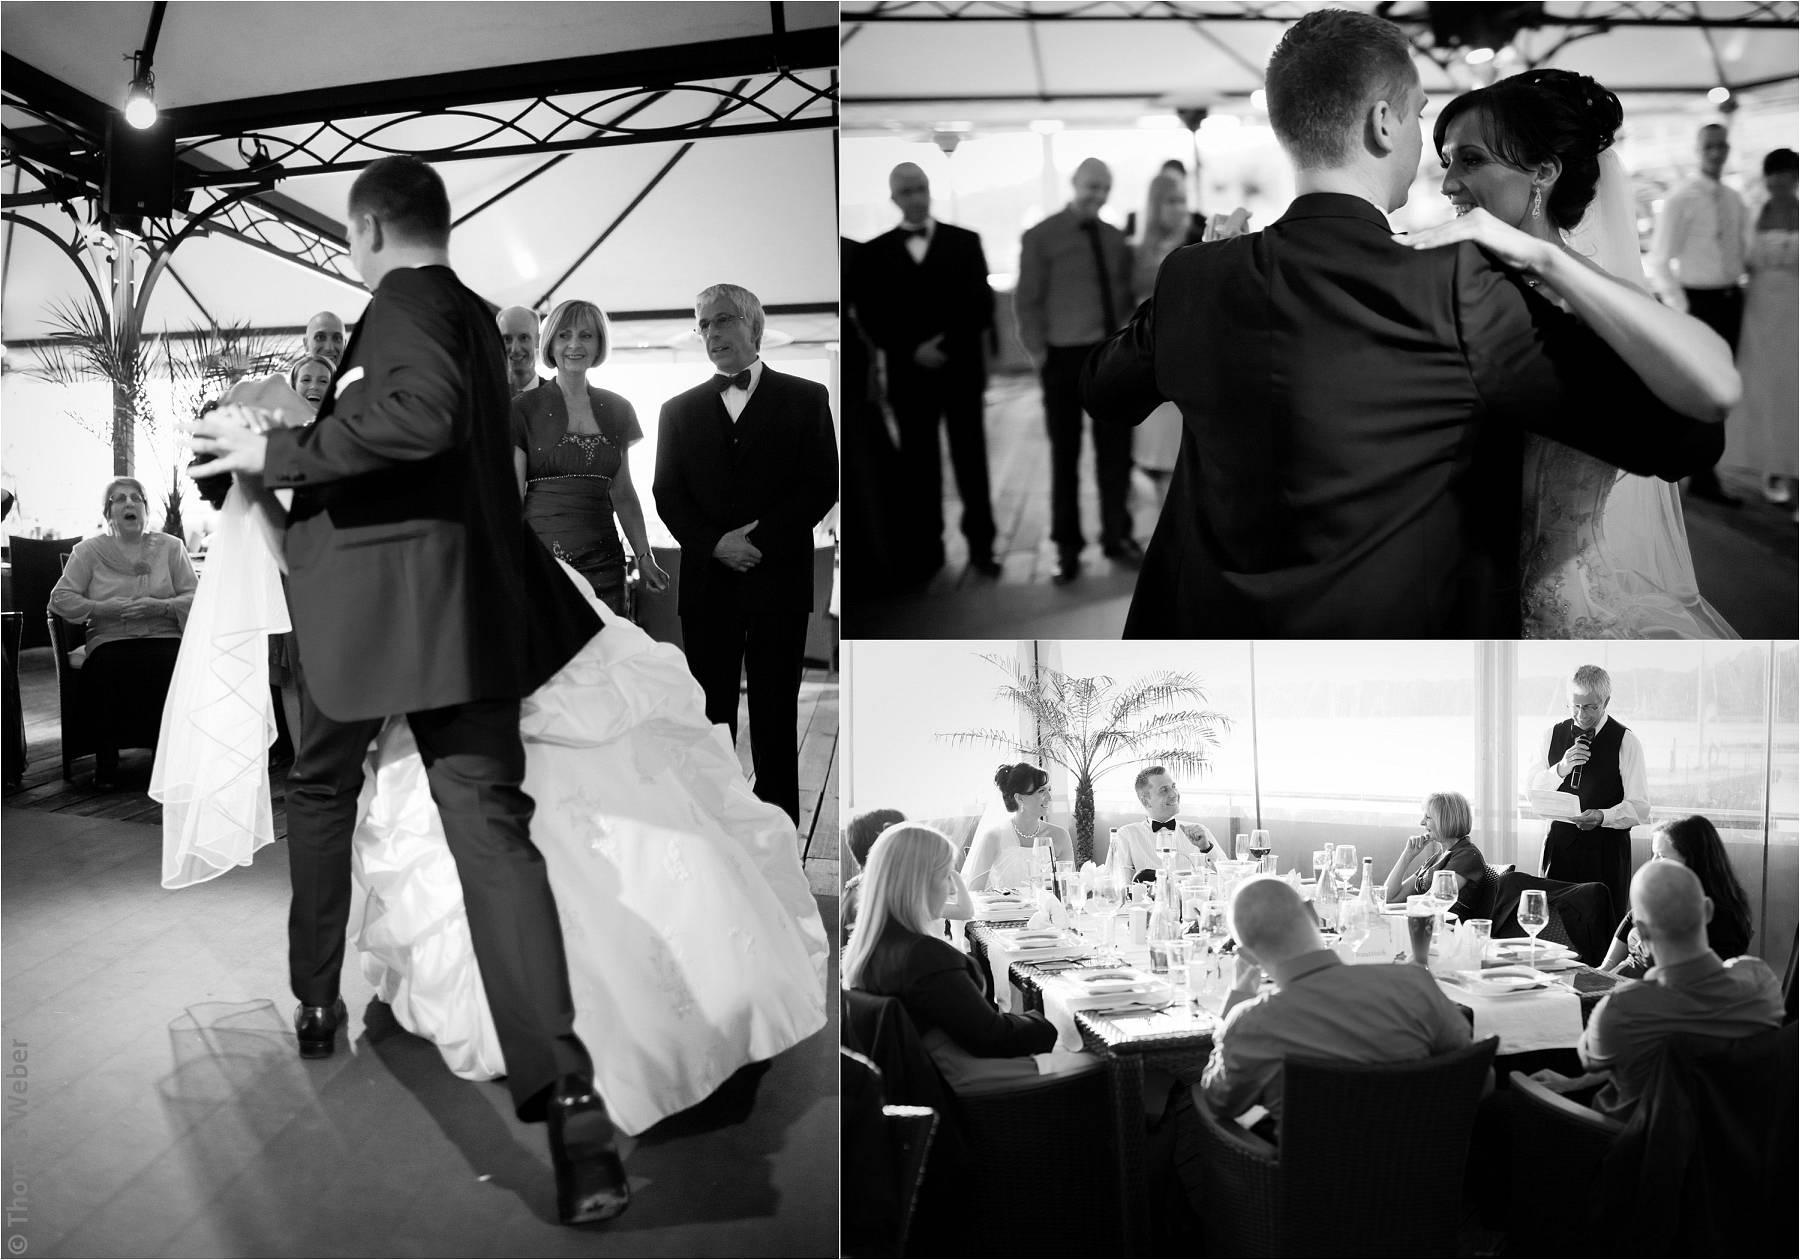 Hochzeitsfotograf Rangsdorf (Berlin): Hochzeit auf der Insel Falkenstein in Rangsdorf nahe Berlin (29)